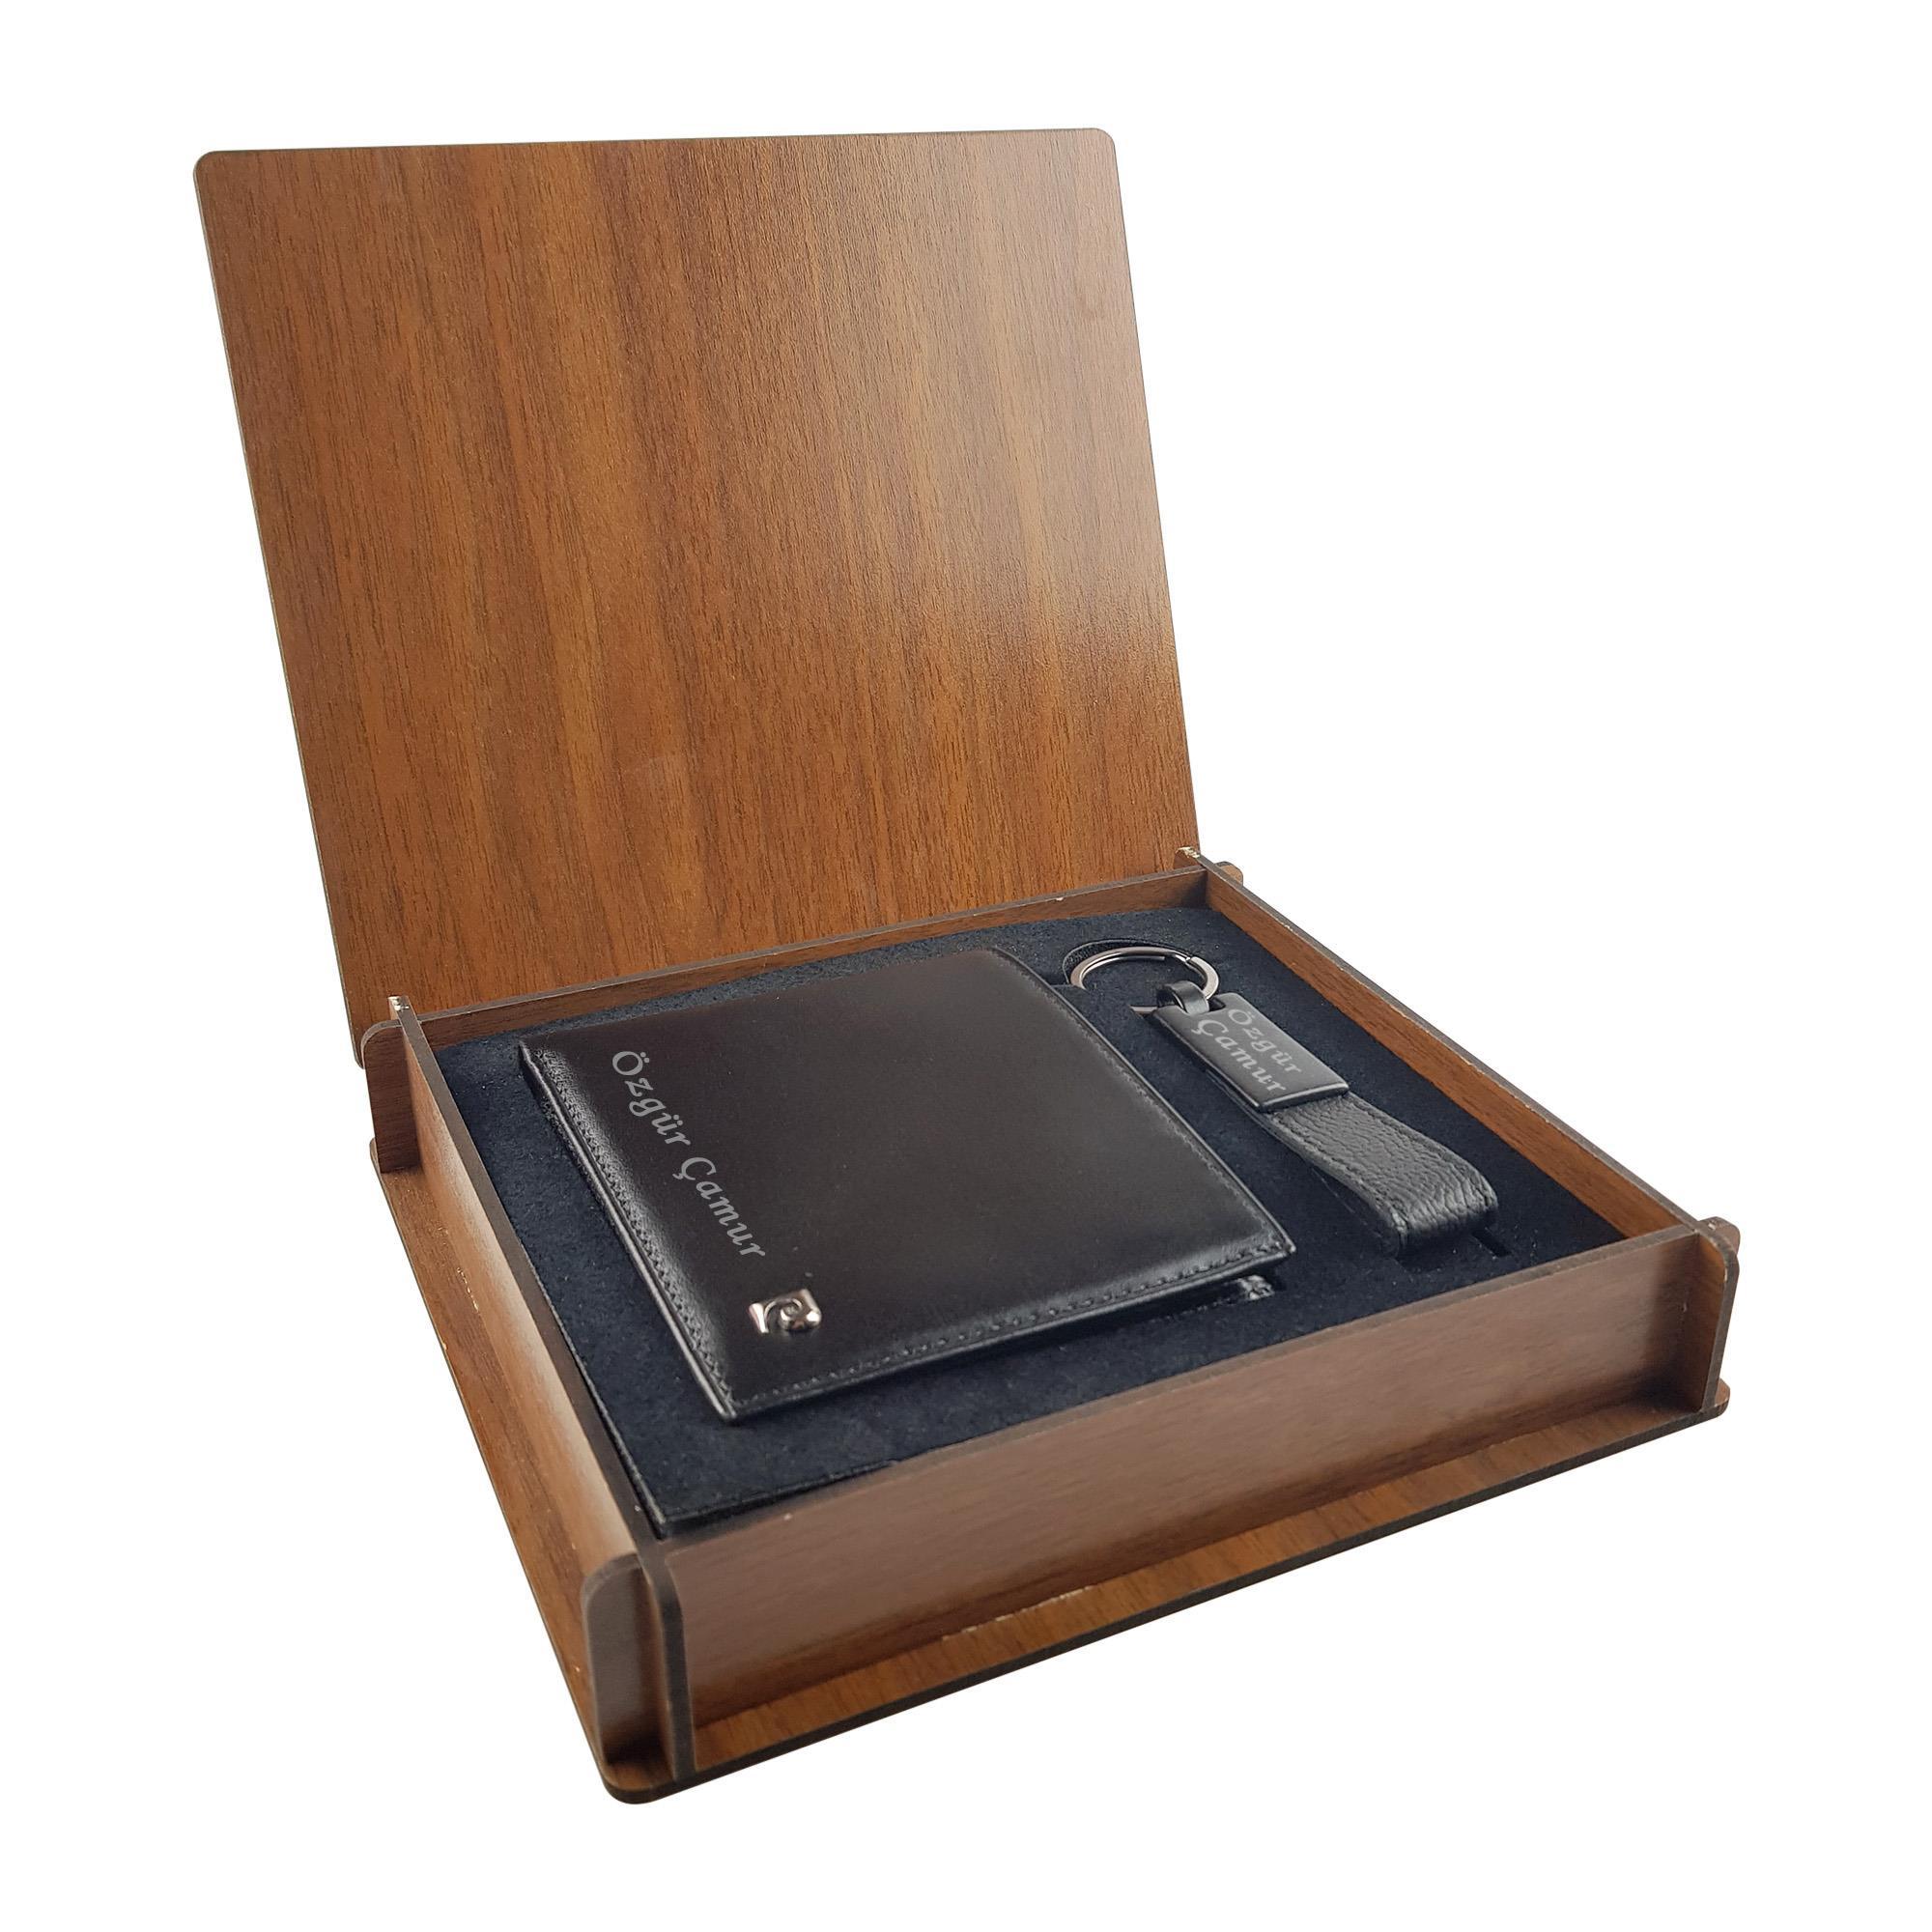 Özel Ahşap Kutuda İsme Özel Pierre Cardin Cüzdan Hediye Seti